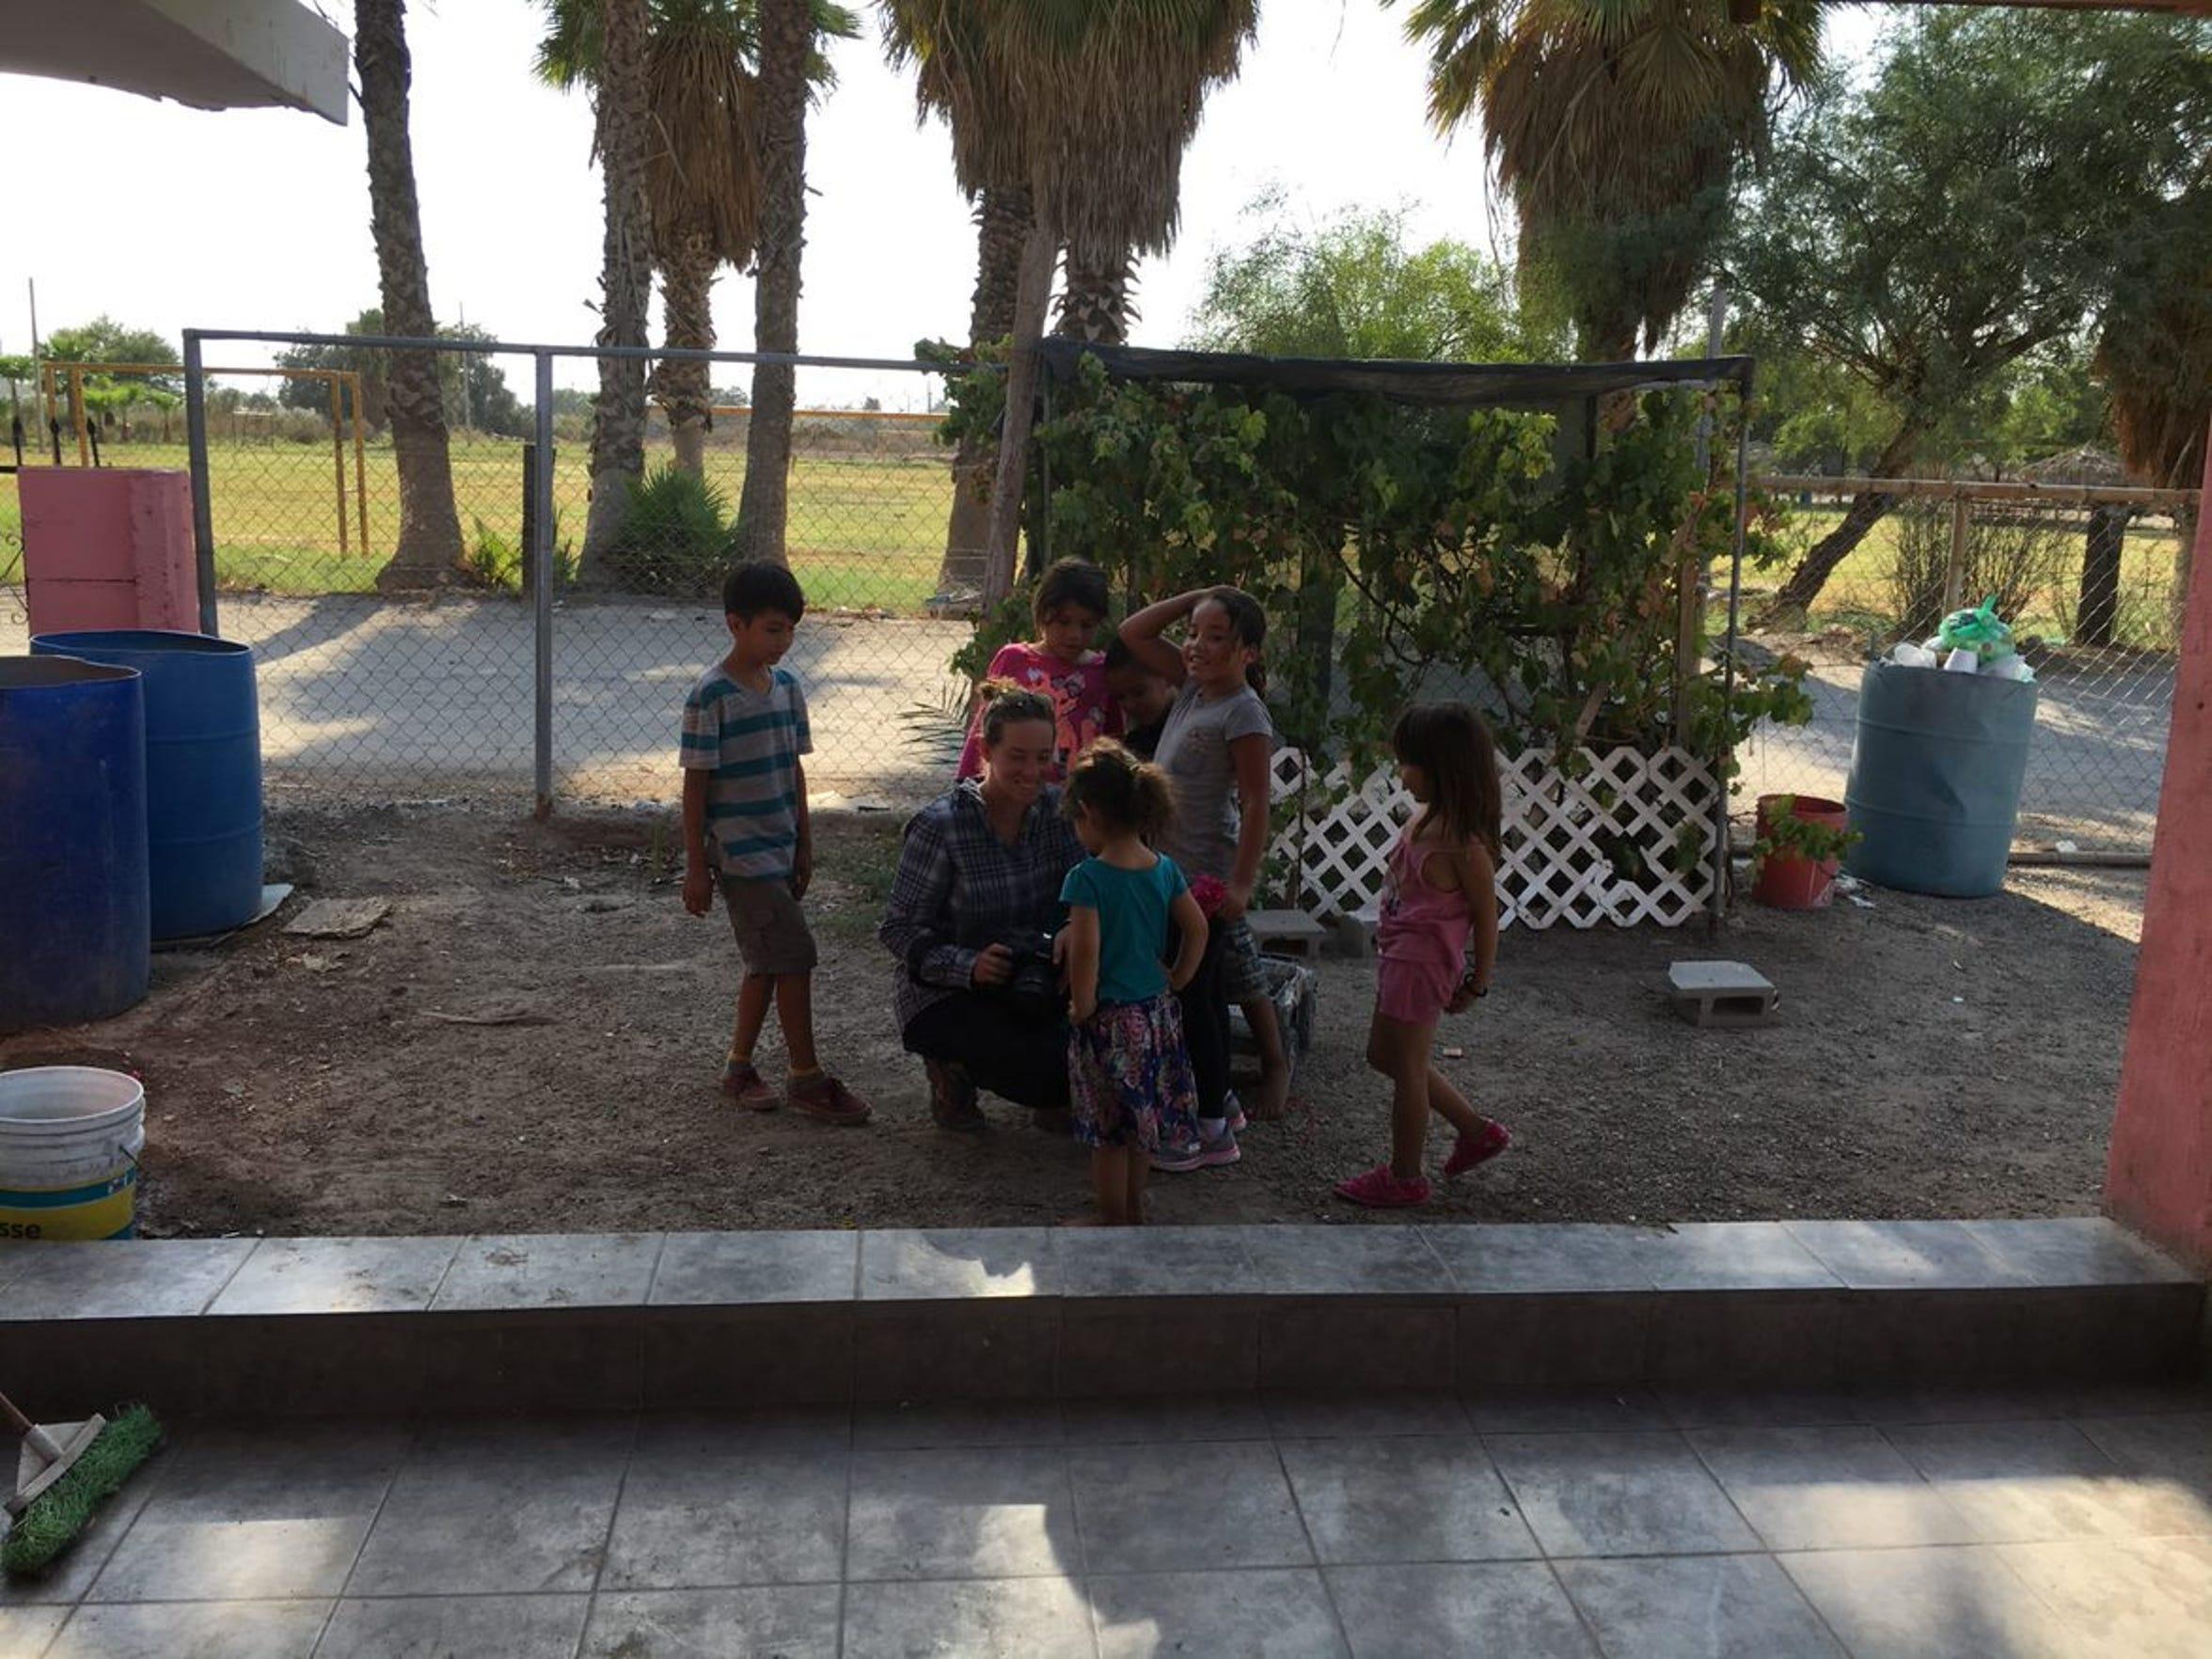 Zoe Meyers muestra algunas de sus fotos con niños que juegan en un patio cercano a una fábrica en Mexicali.